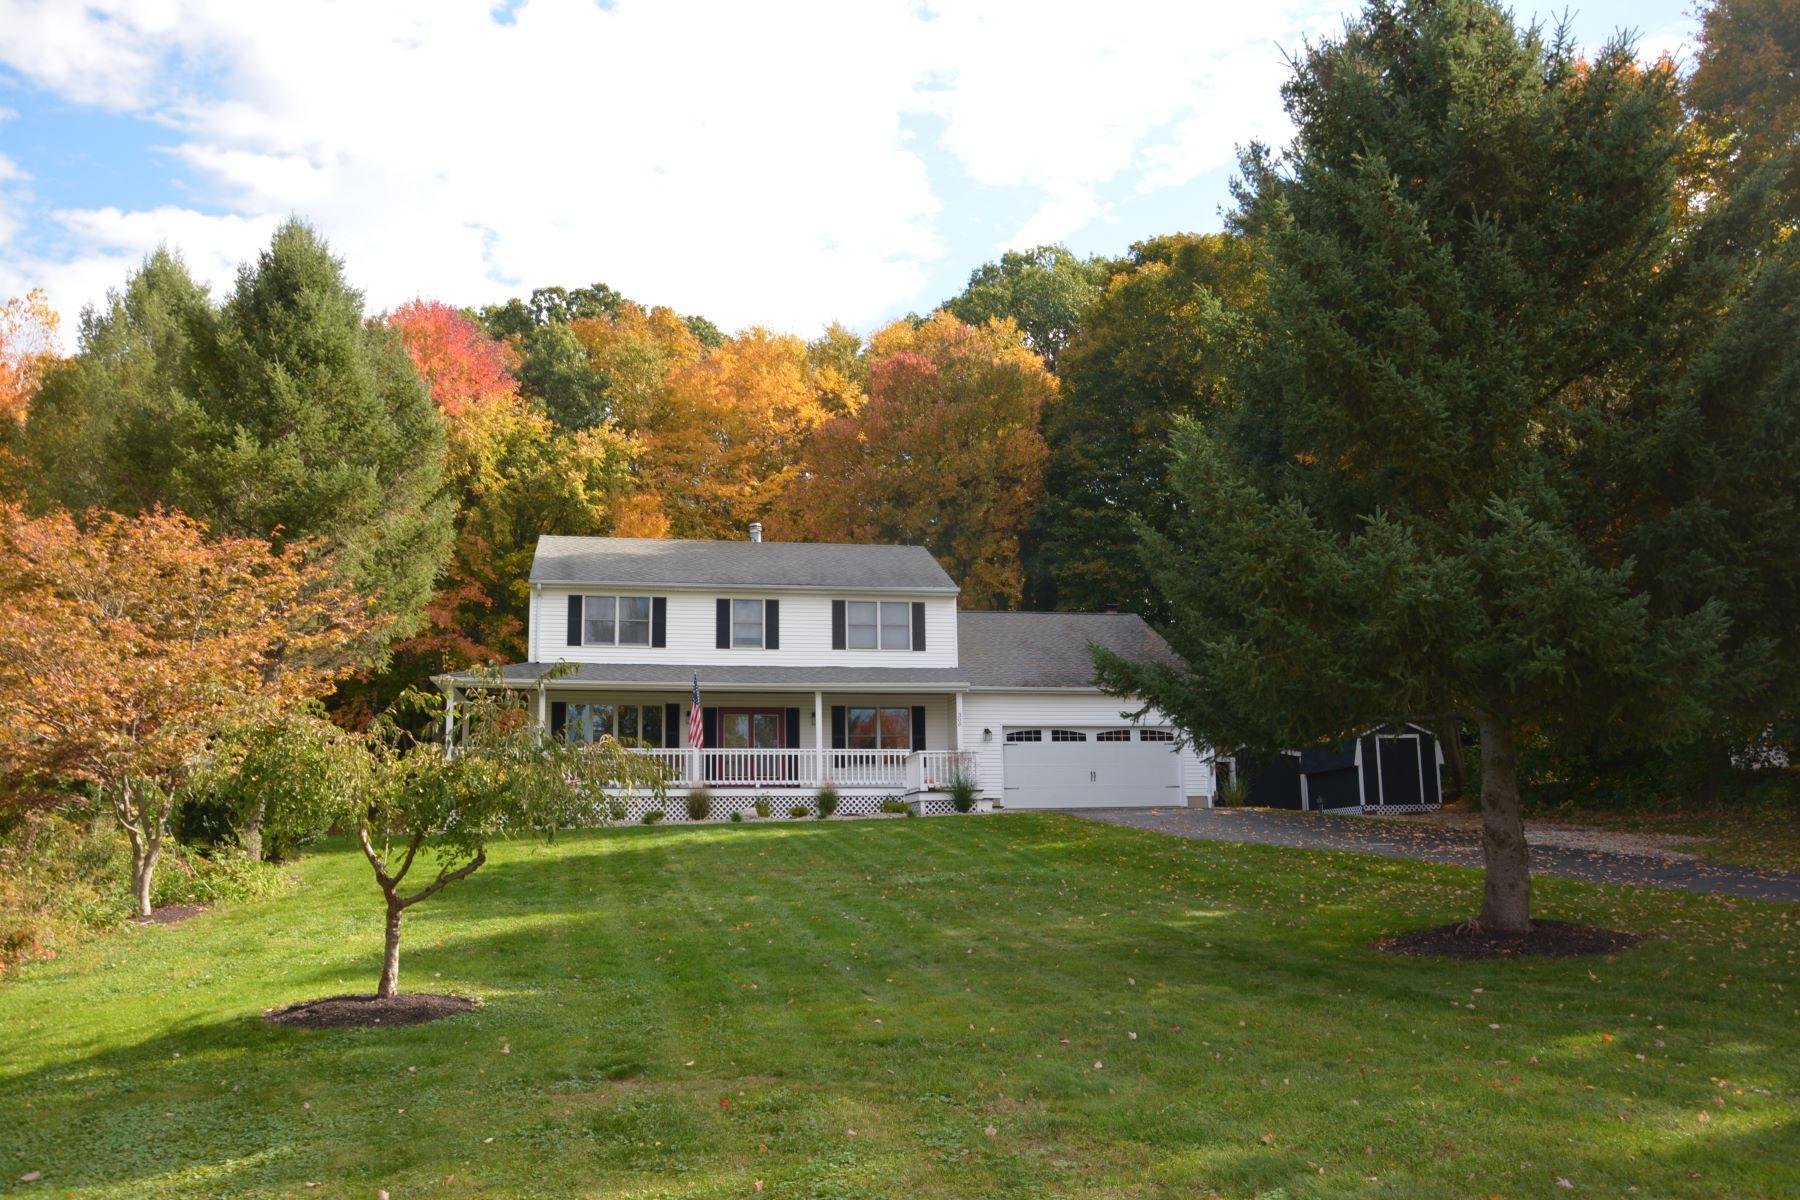 Maison unifamiliale pour l Vente à 300 Margarite Rd Middletown, Connecticut, 06457 États-Unis